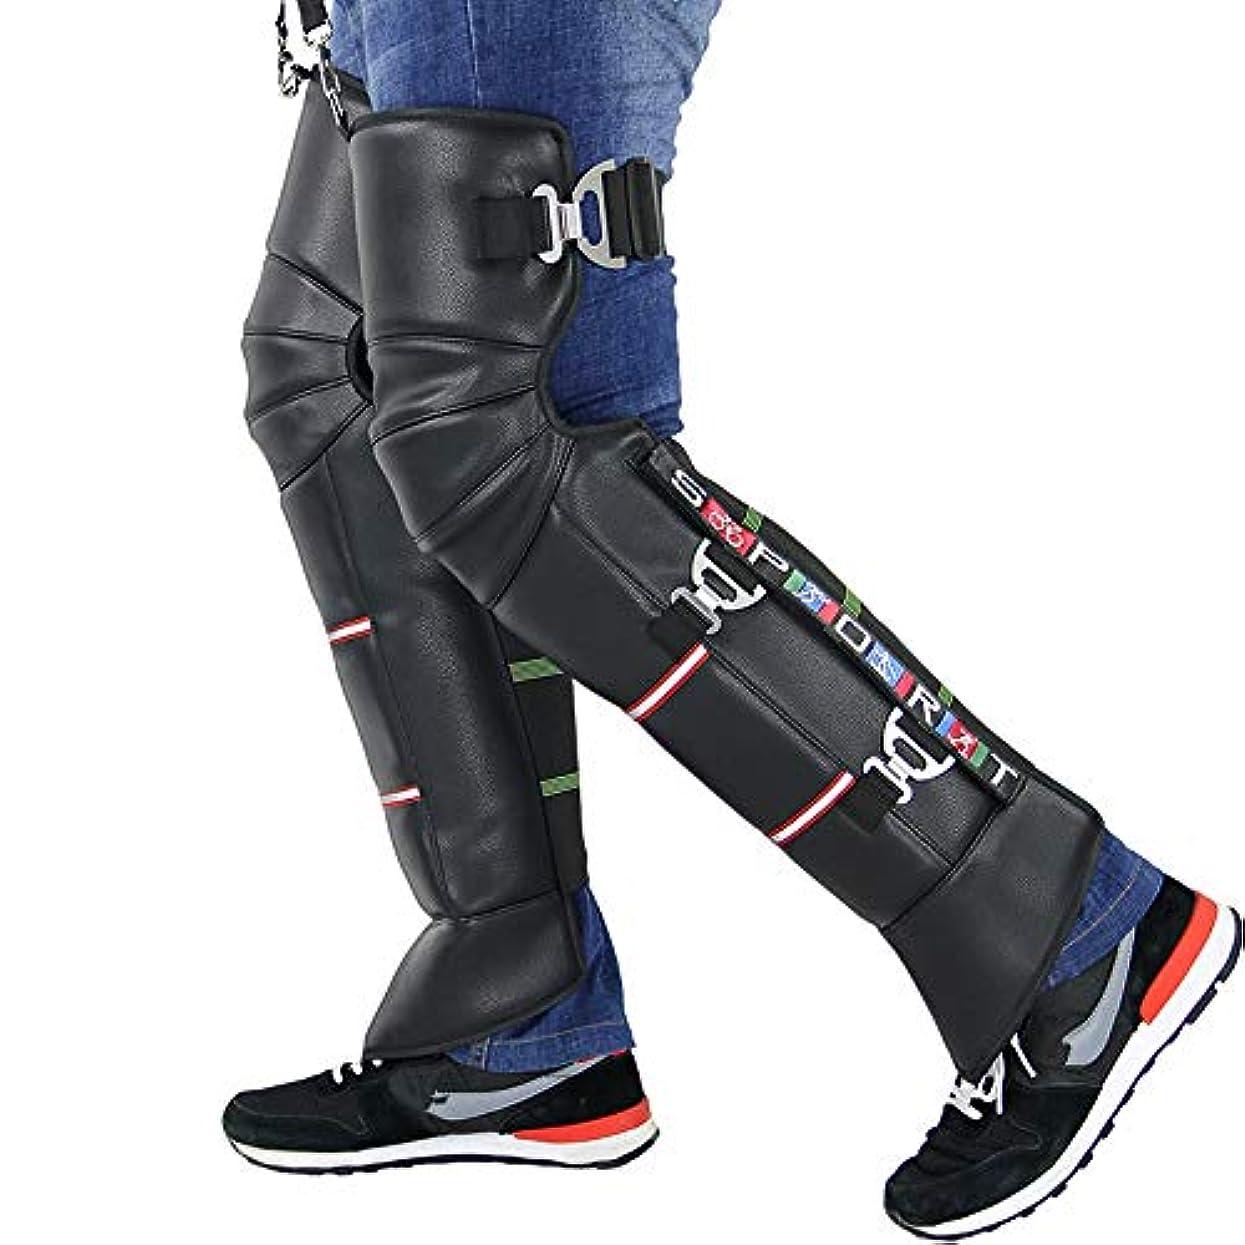 もっとたっぷり博覧会膝パッド スケートニーパッド大人の通気性の調節可能なアラミド繊維モトクロスマウンテンバイクサイクリングスケートボード サポーター ヒザ